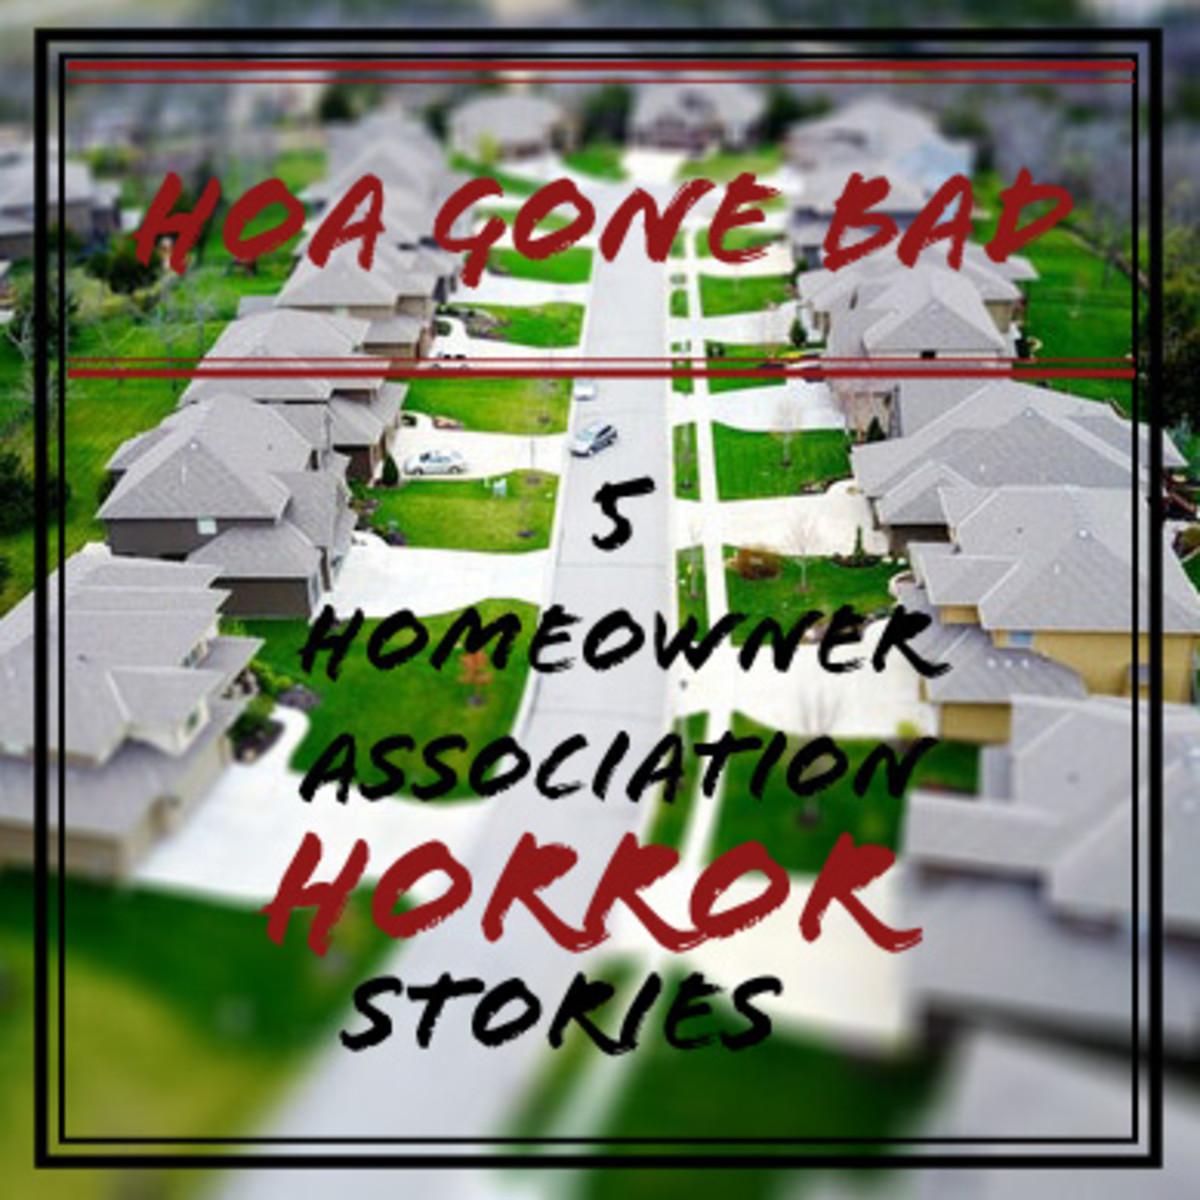 HOA Gone Bad: 5 Homeowner Association Horror Stories